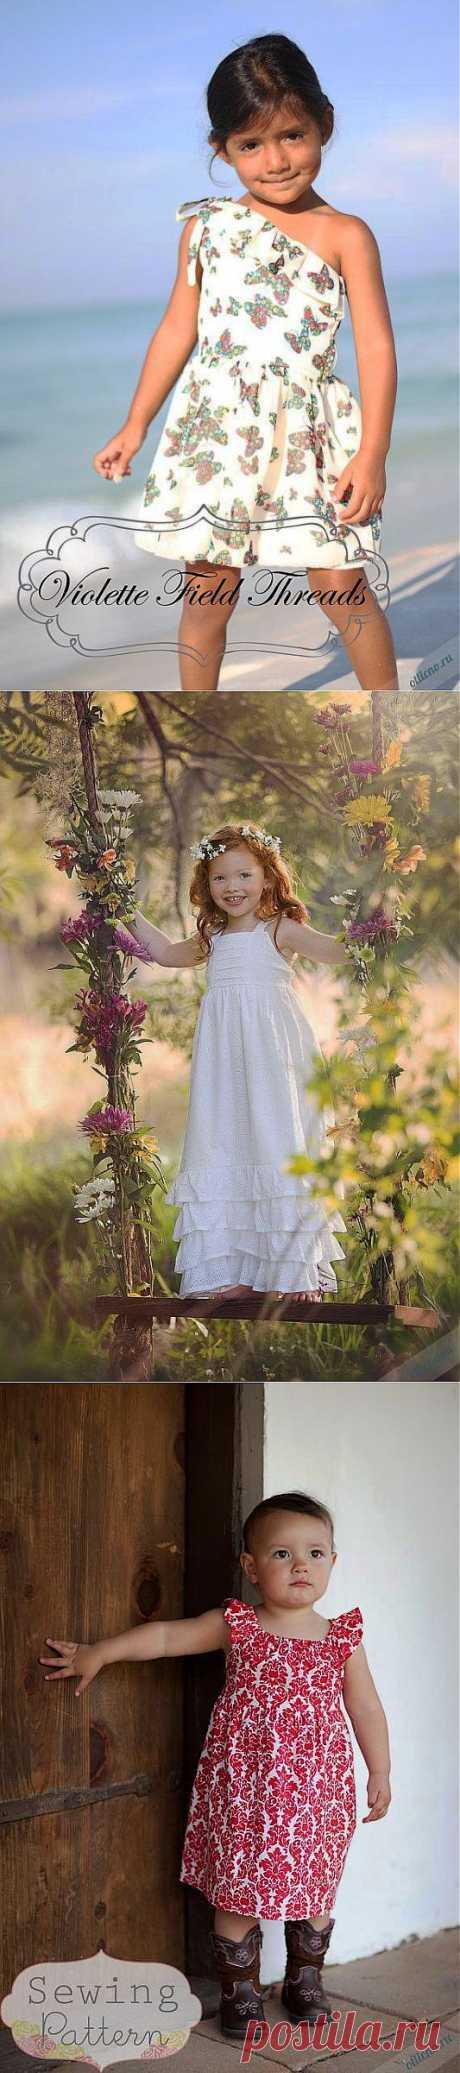 Идеи шитья летних платьев и сарафанов для девочек | Отлично! Школа моды, декора и актуального рукоделия